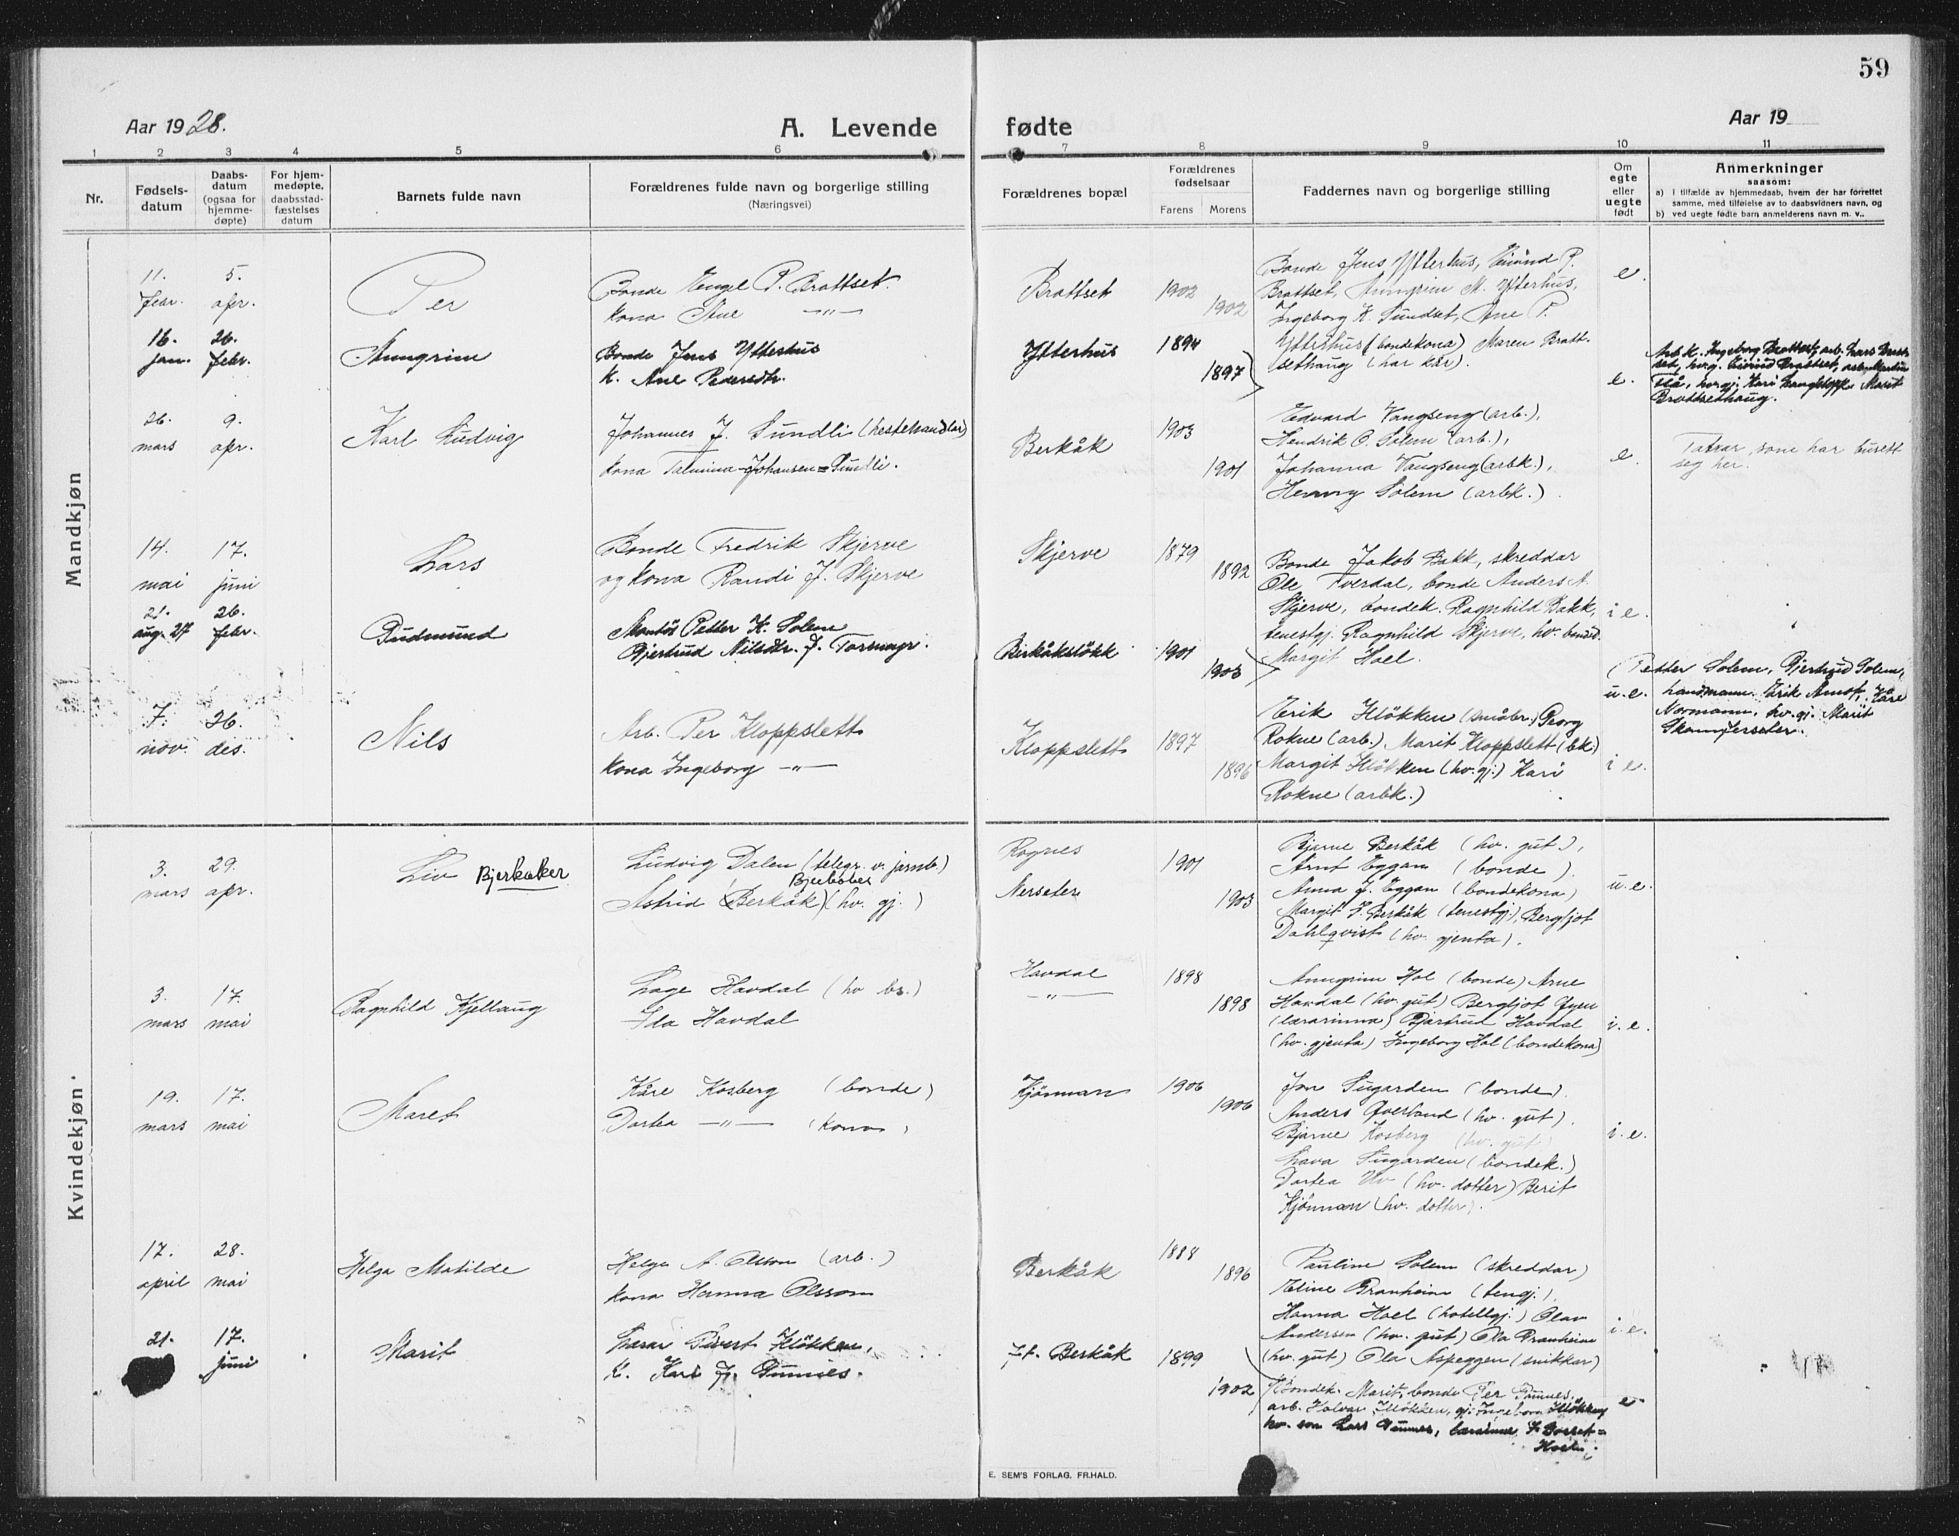 SAT, Ministerialprotokoller, klokkerbøker og fødselsregistre - Sør-Trøndelag, 675/L0888: Klokkerbok nr. 675C01, 1913-1935, s. 59